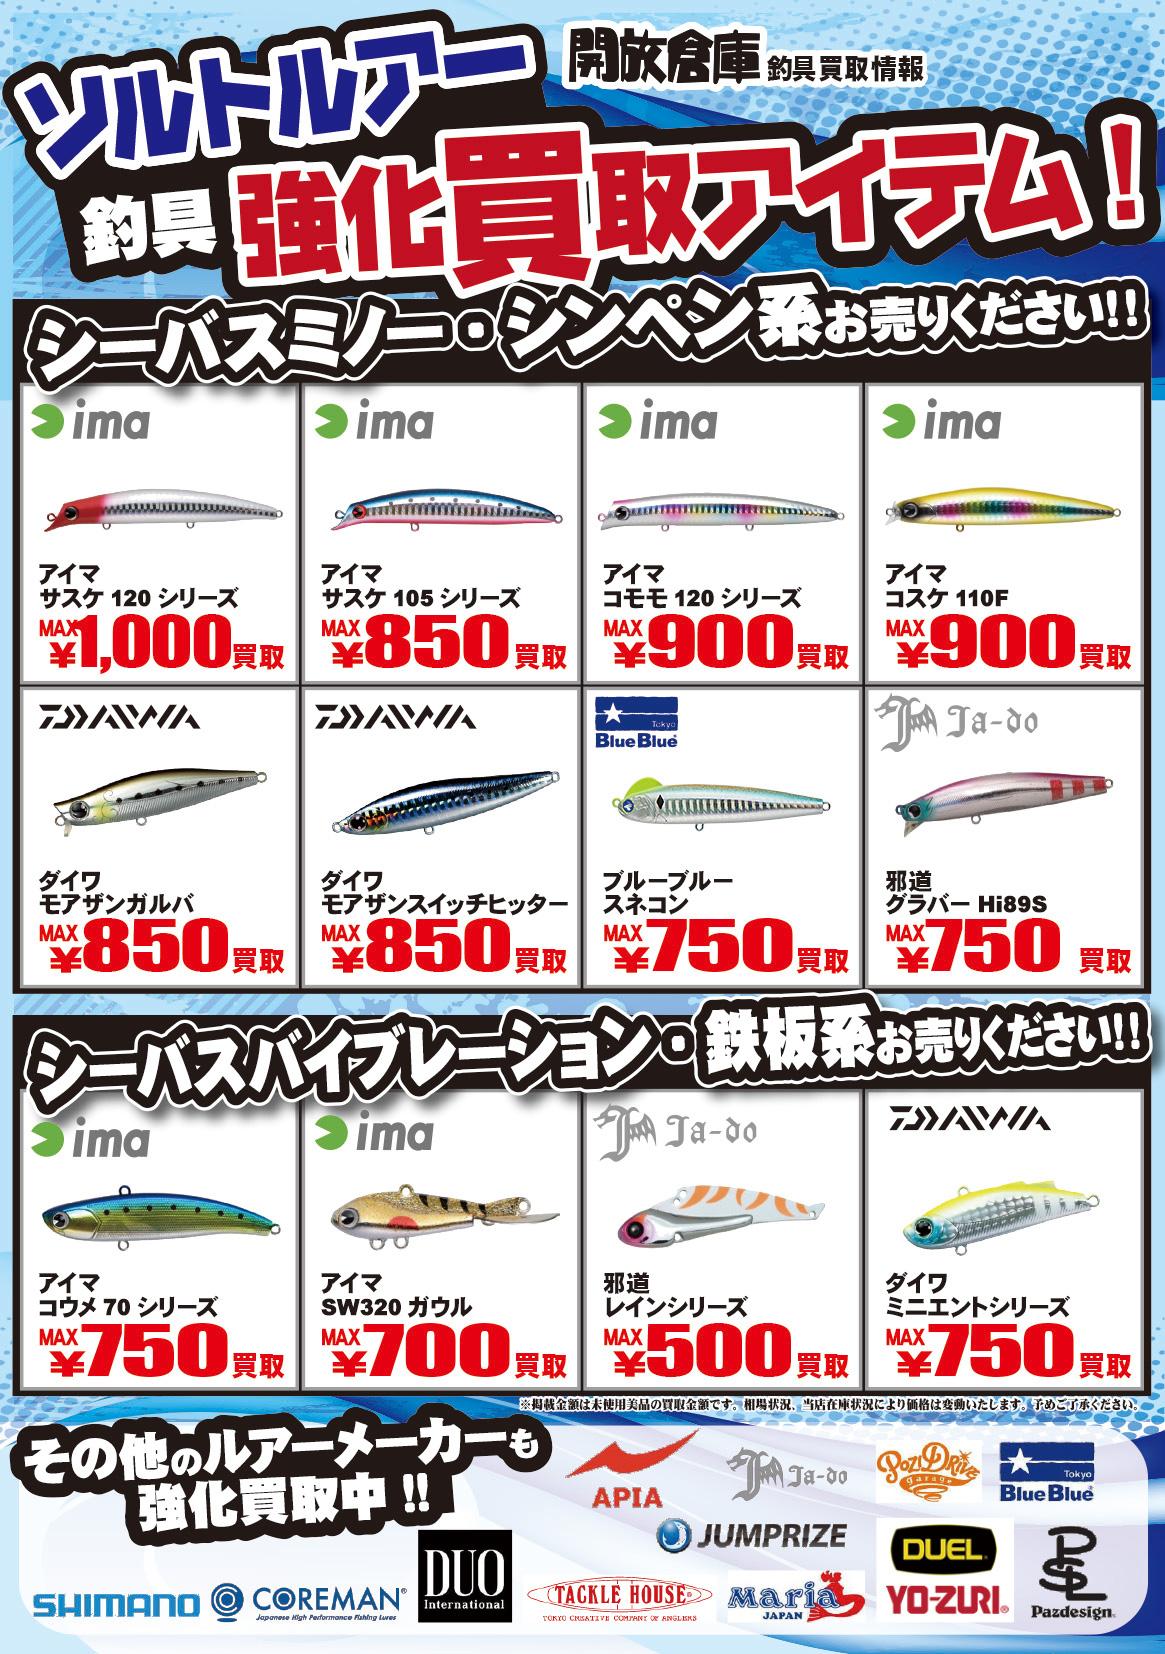 「開放倉庫桜井店」2017年3月9日更新!ソルトルアー釣具!強化買取アイテムを更新しました。シーバスミノー・シンペン系お売り下さい!!